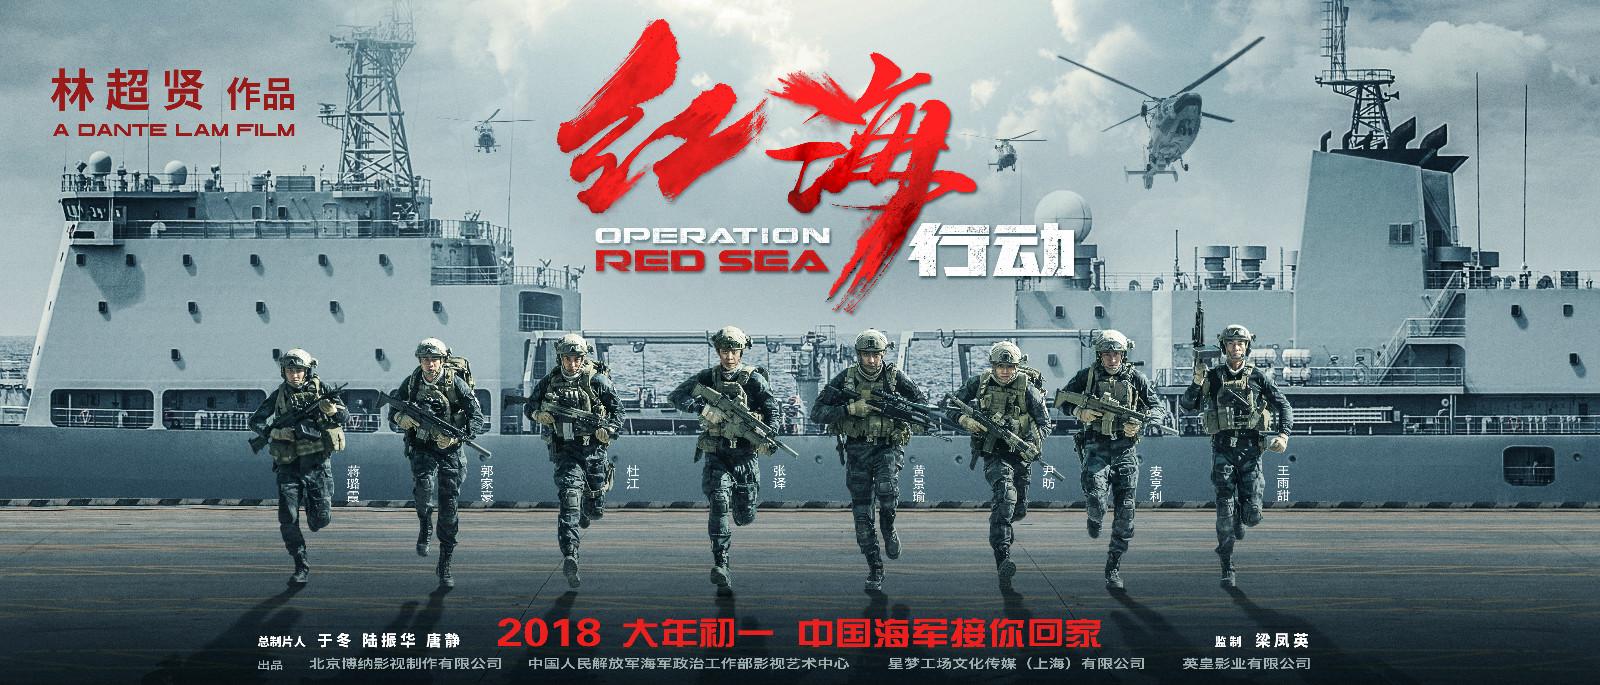 1.《红海行动》定档海报.jpg